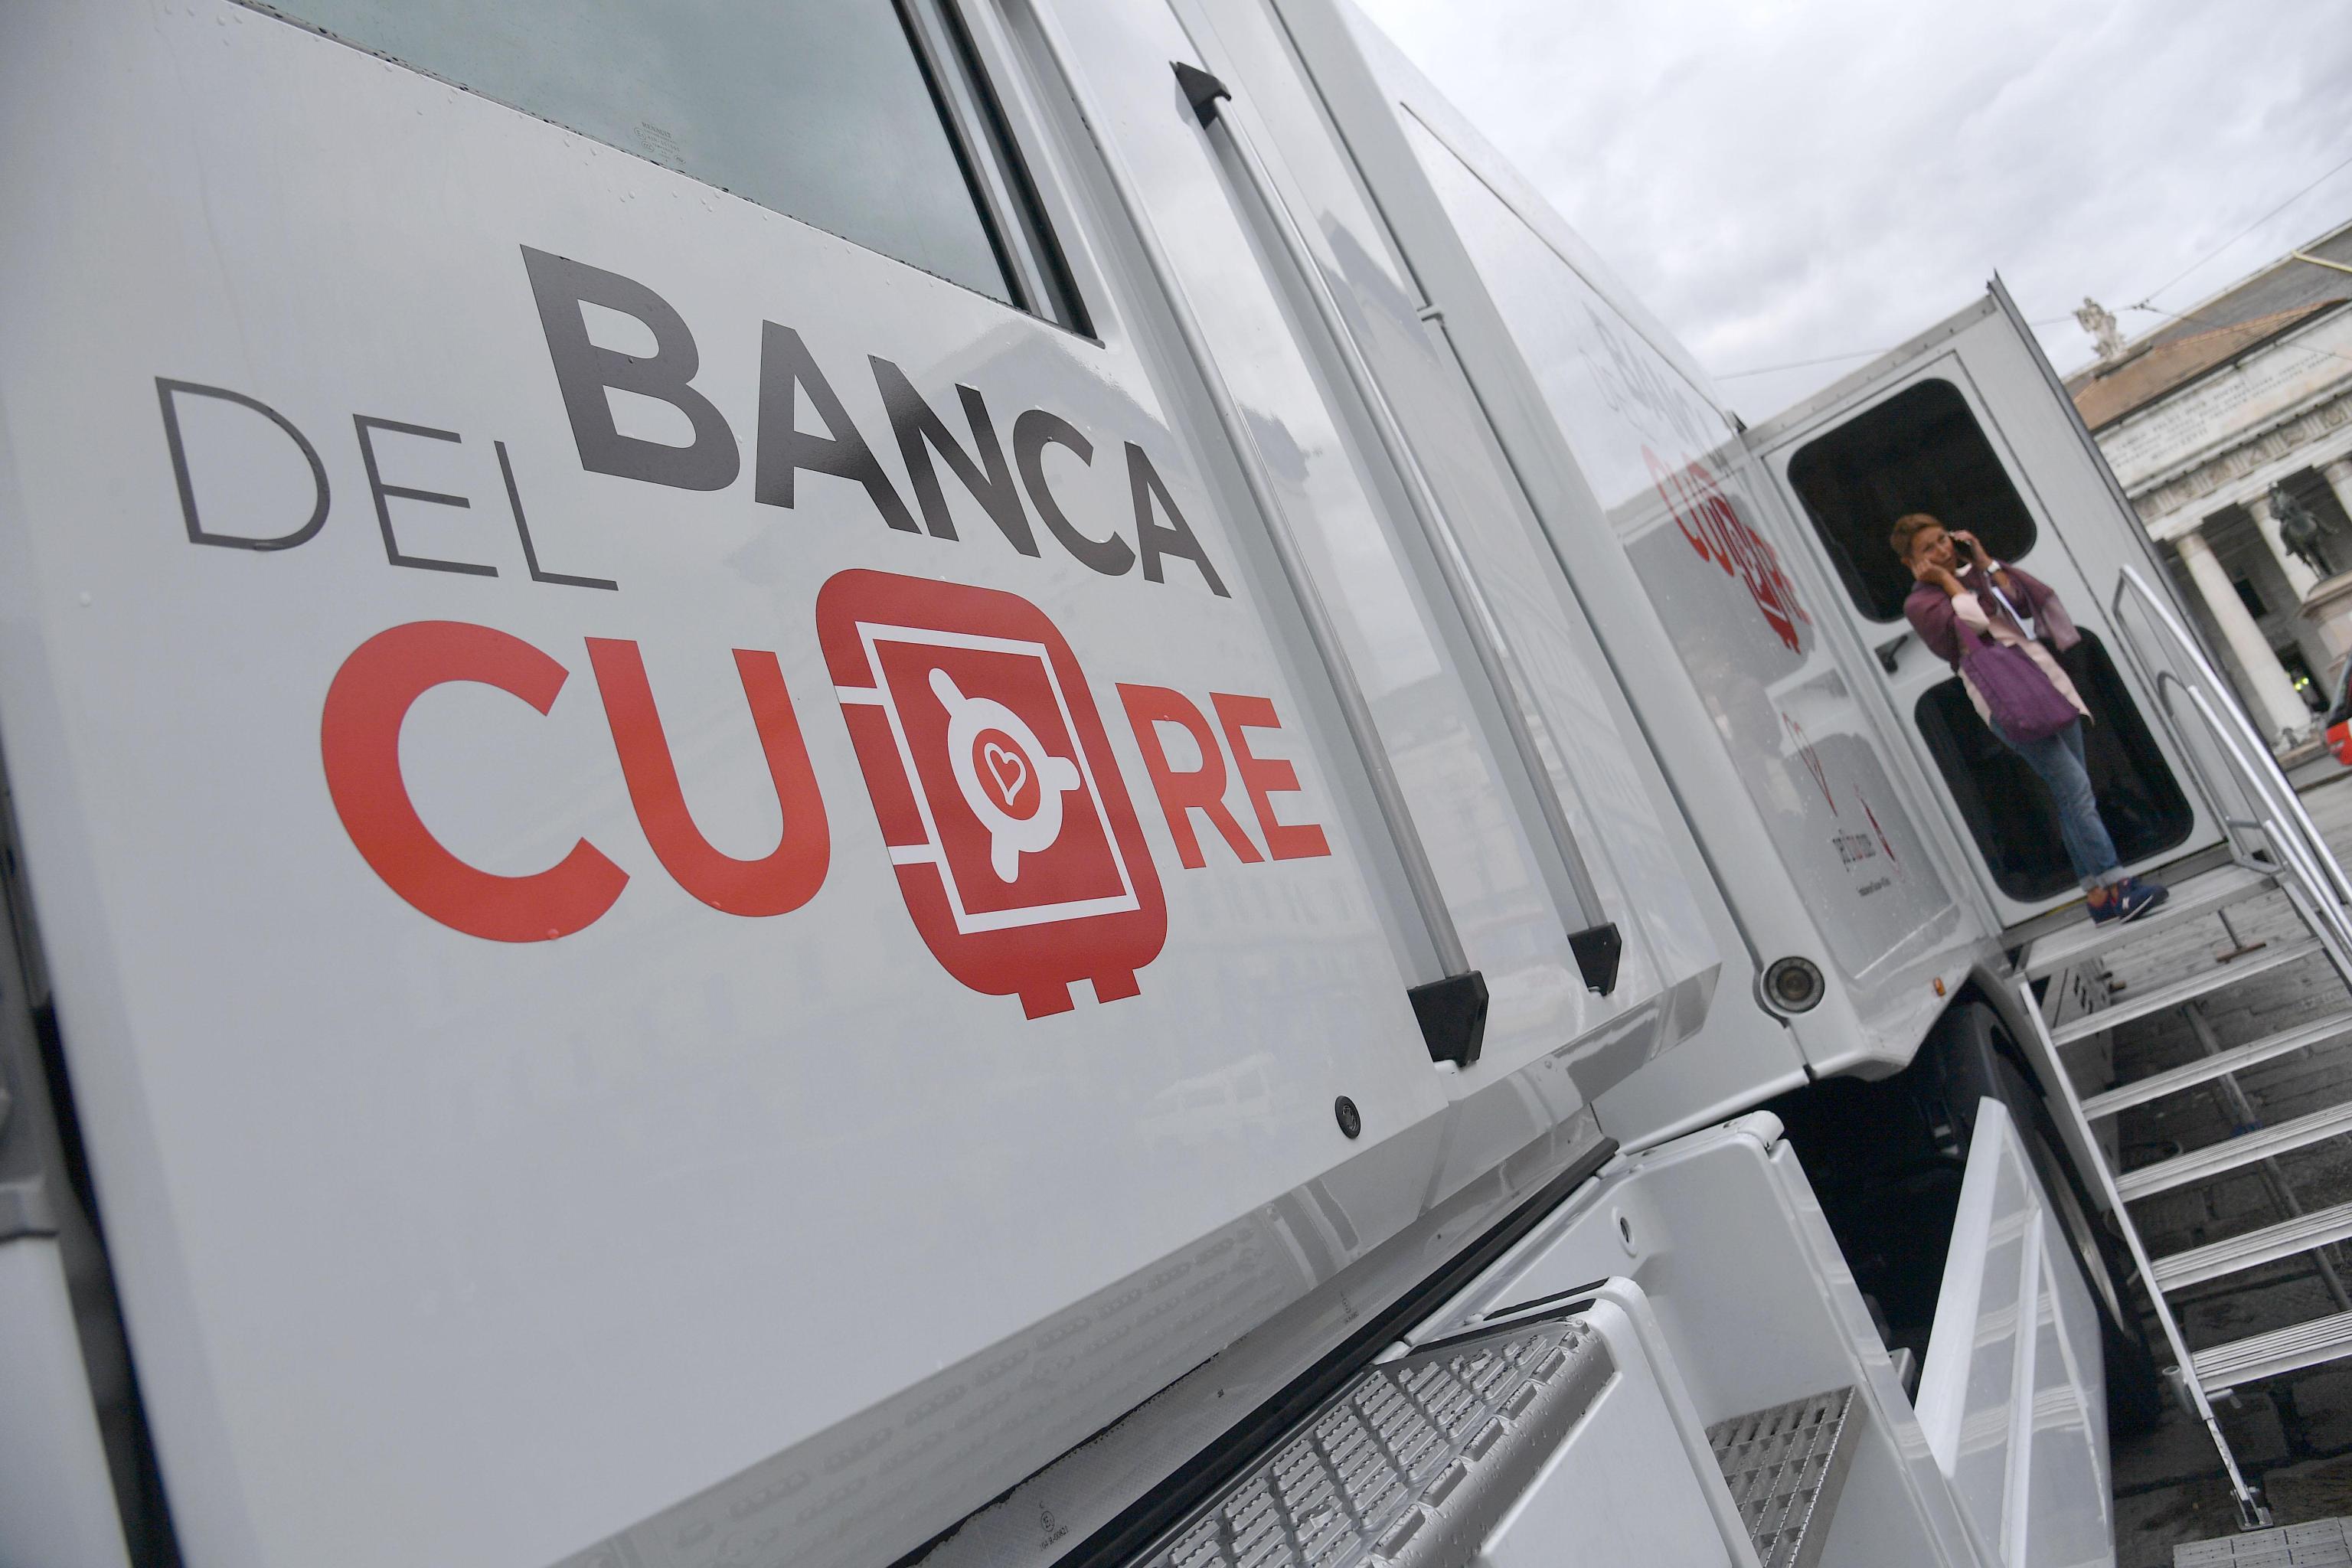 Prevenzione cardiovascolare: Truck Tour – Banca del Cuore a Bologna e Rimini